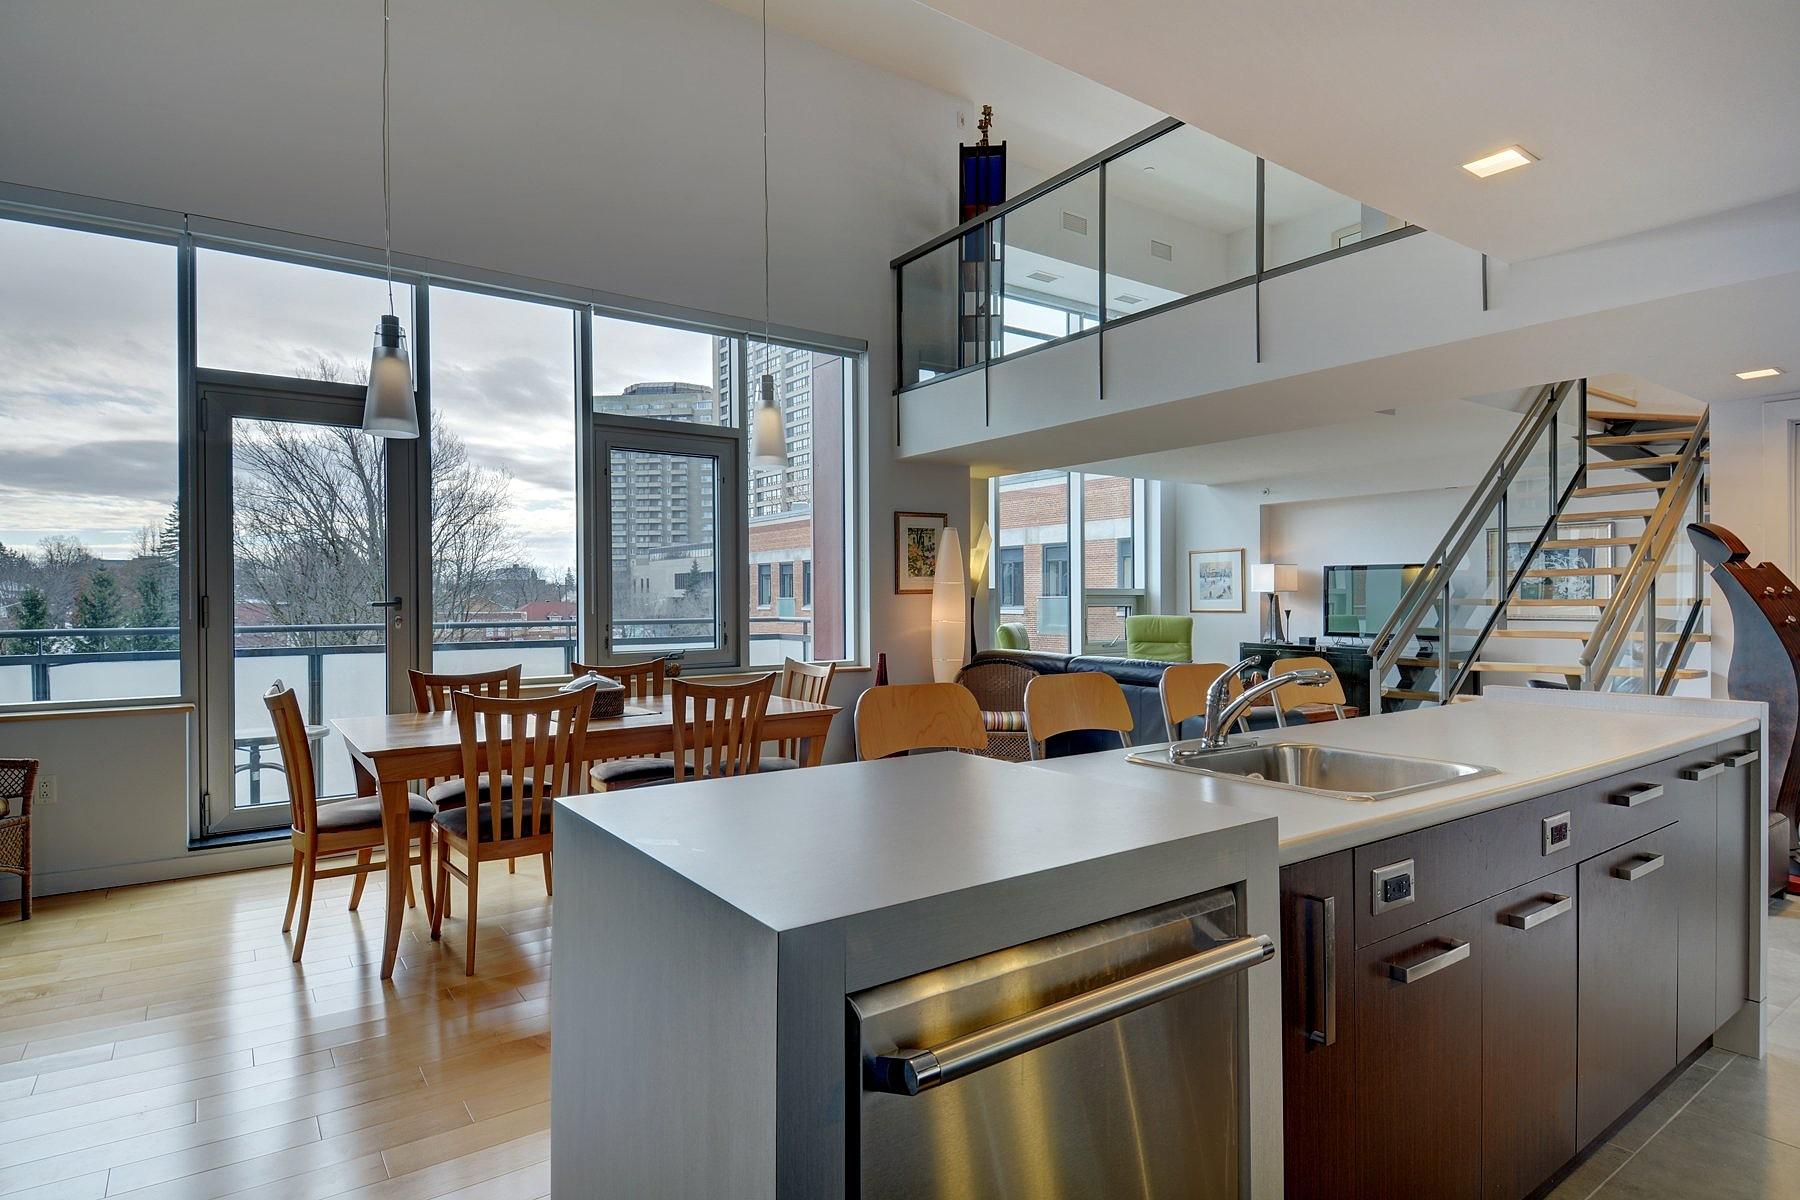 共管式独立产权公寓 为 销售 在 La Cité, Capitale-Nationale 775 Av. Ernest-Gagnon, Apt. 503 St-sacrement ville de Québec, 魁北克, 魁北克省, G1S0B2 加拿大